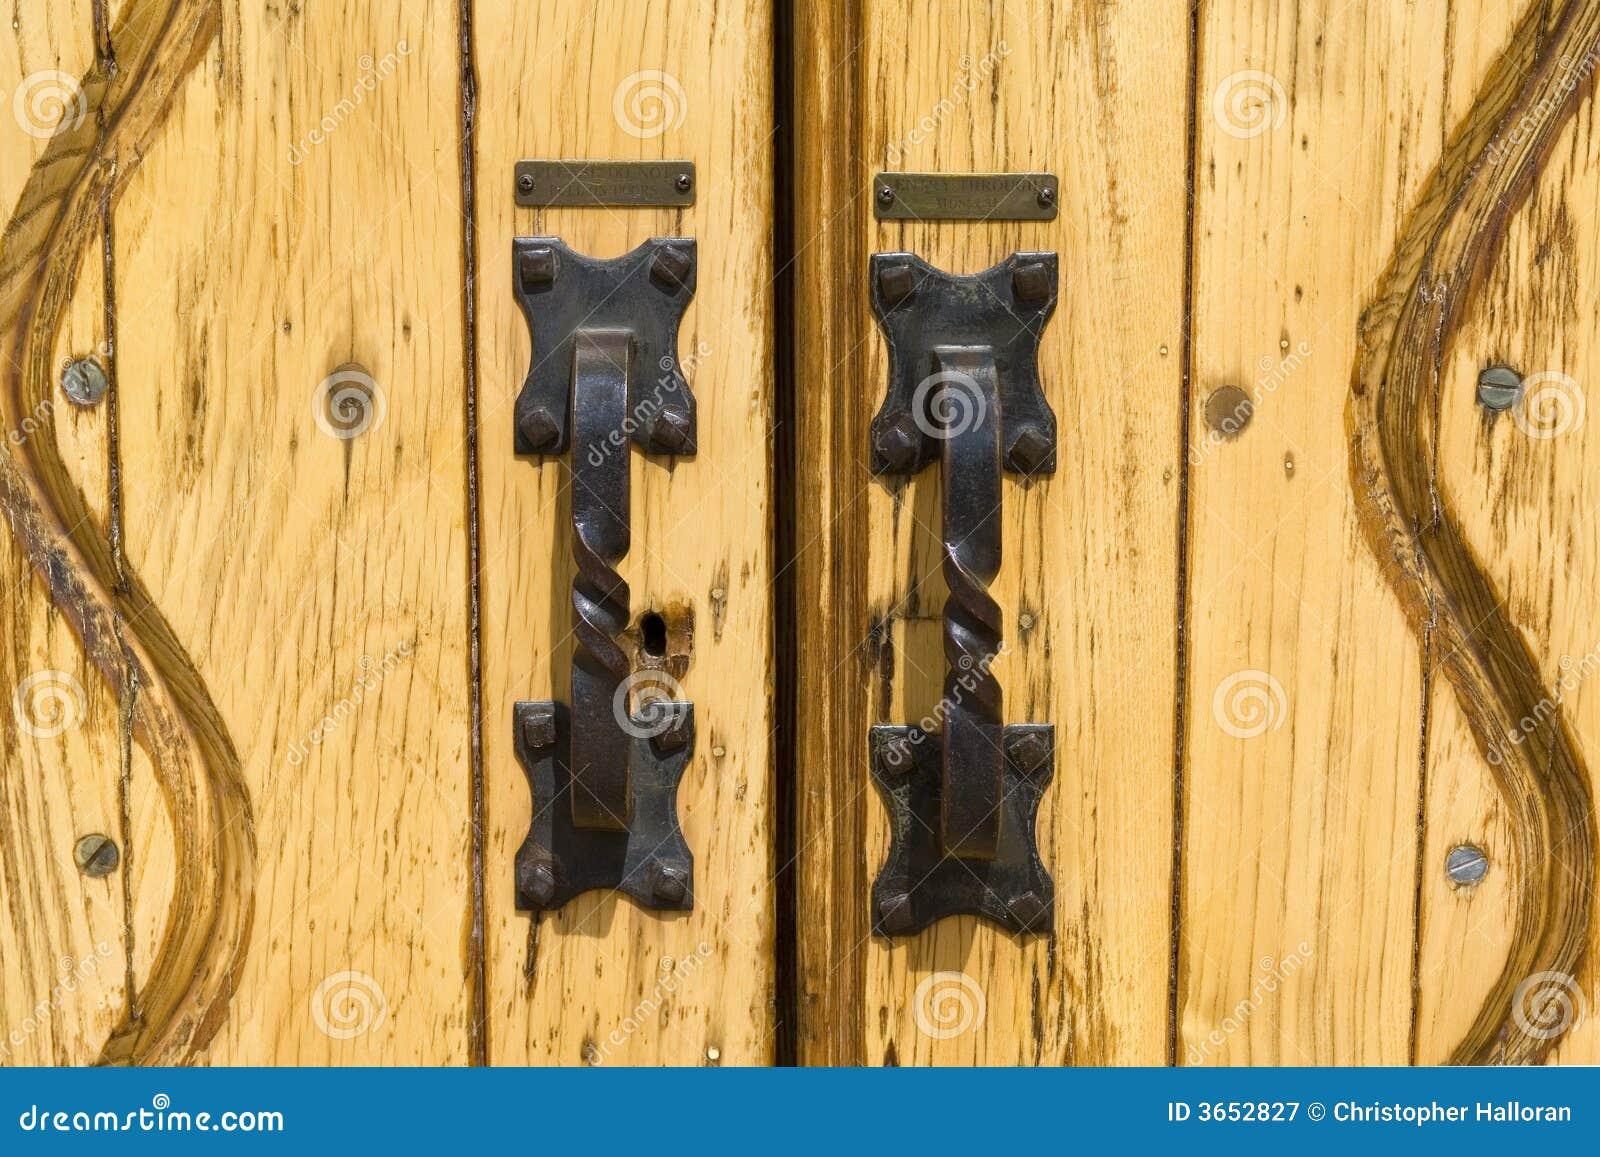 Iron door handles